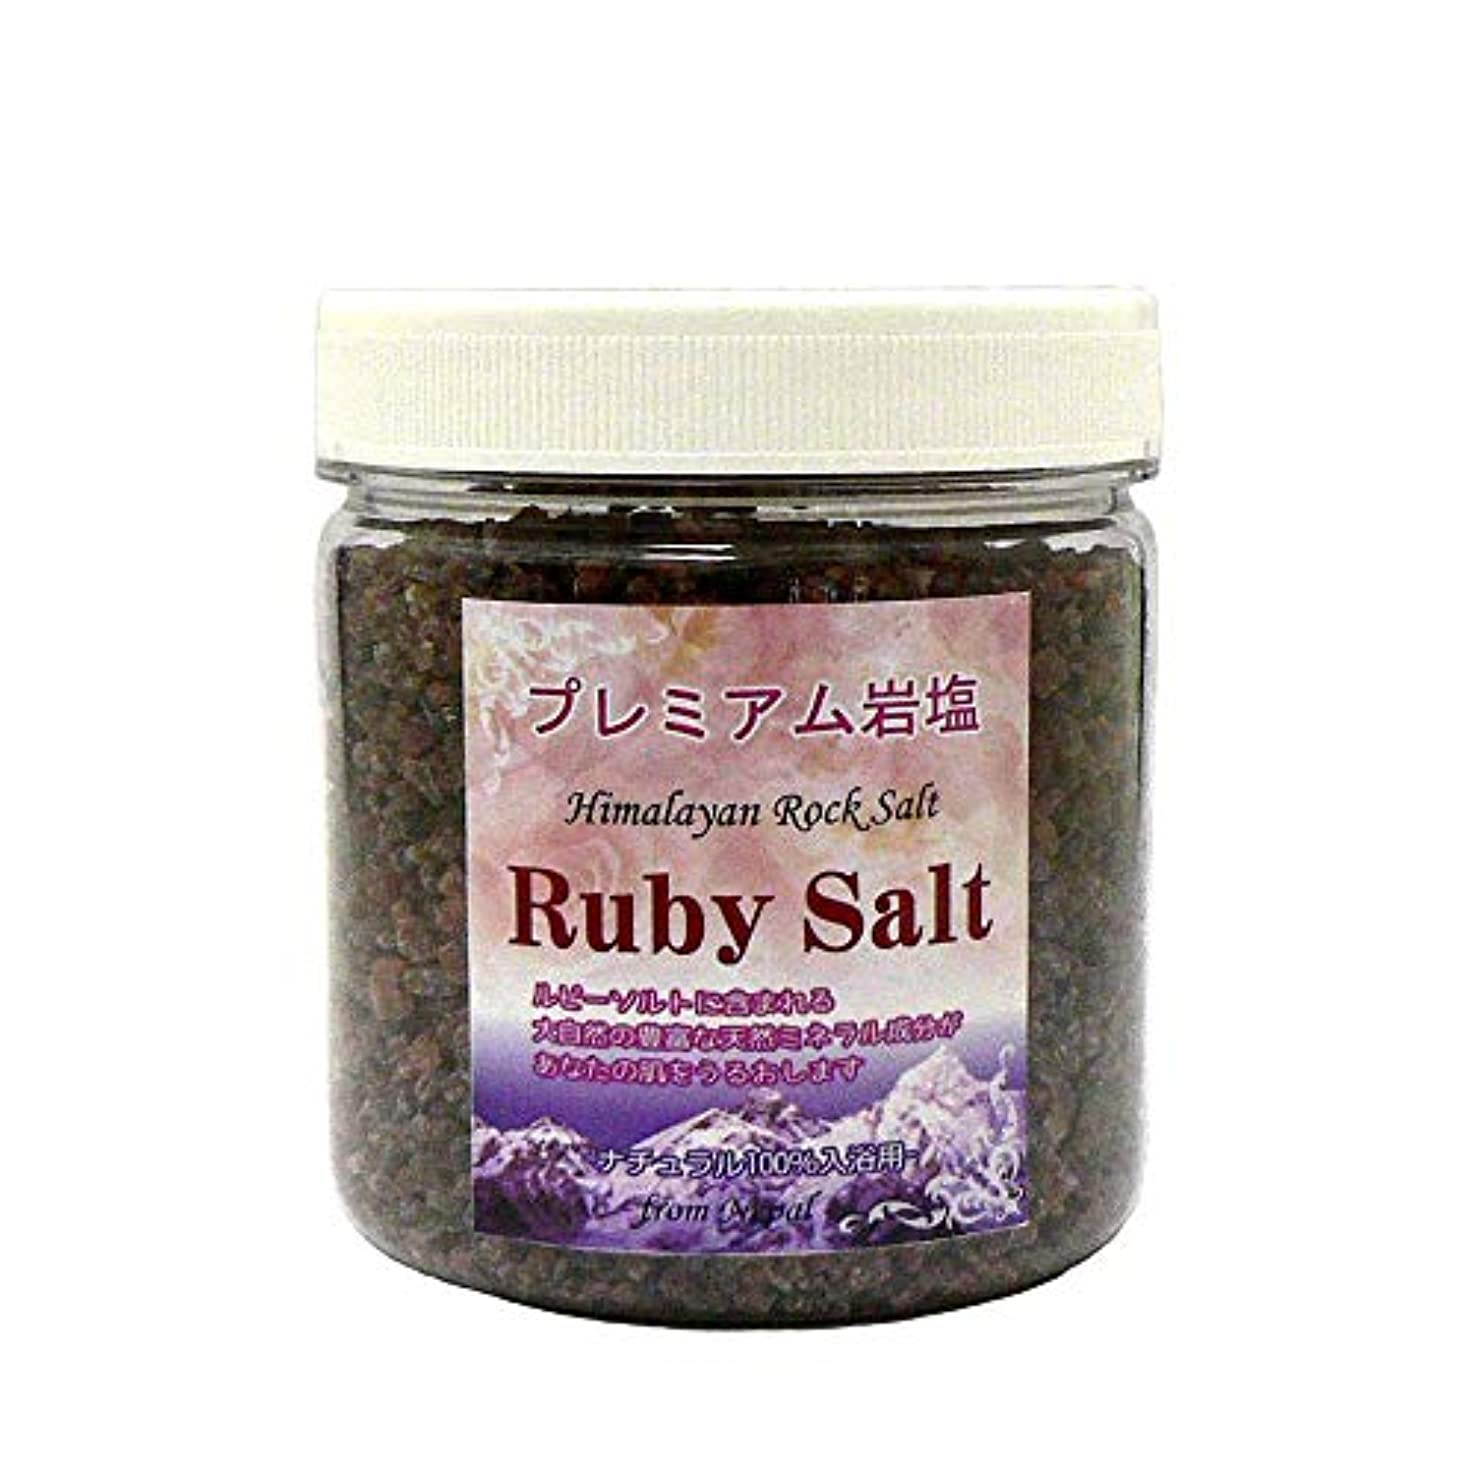 カフェインタフェース吐くヒマラヤ岩塩 プレミアム ルビーソルト バスソルト(Sサイズ塊り) ルビー岩塩 (600g×2個セット)